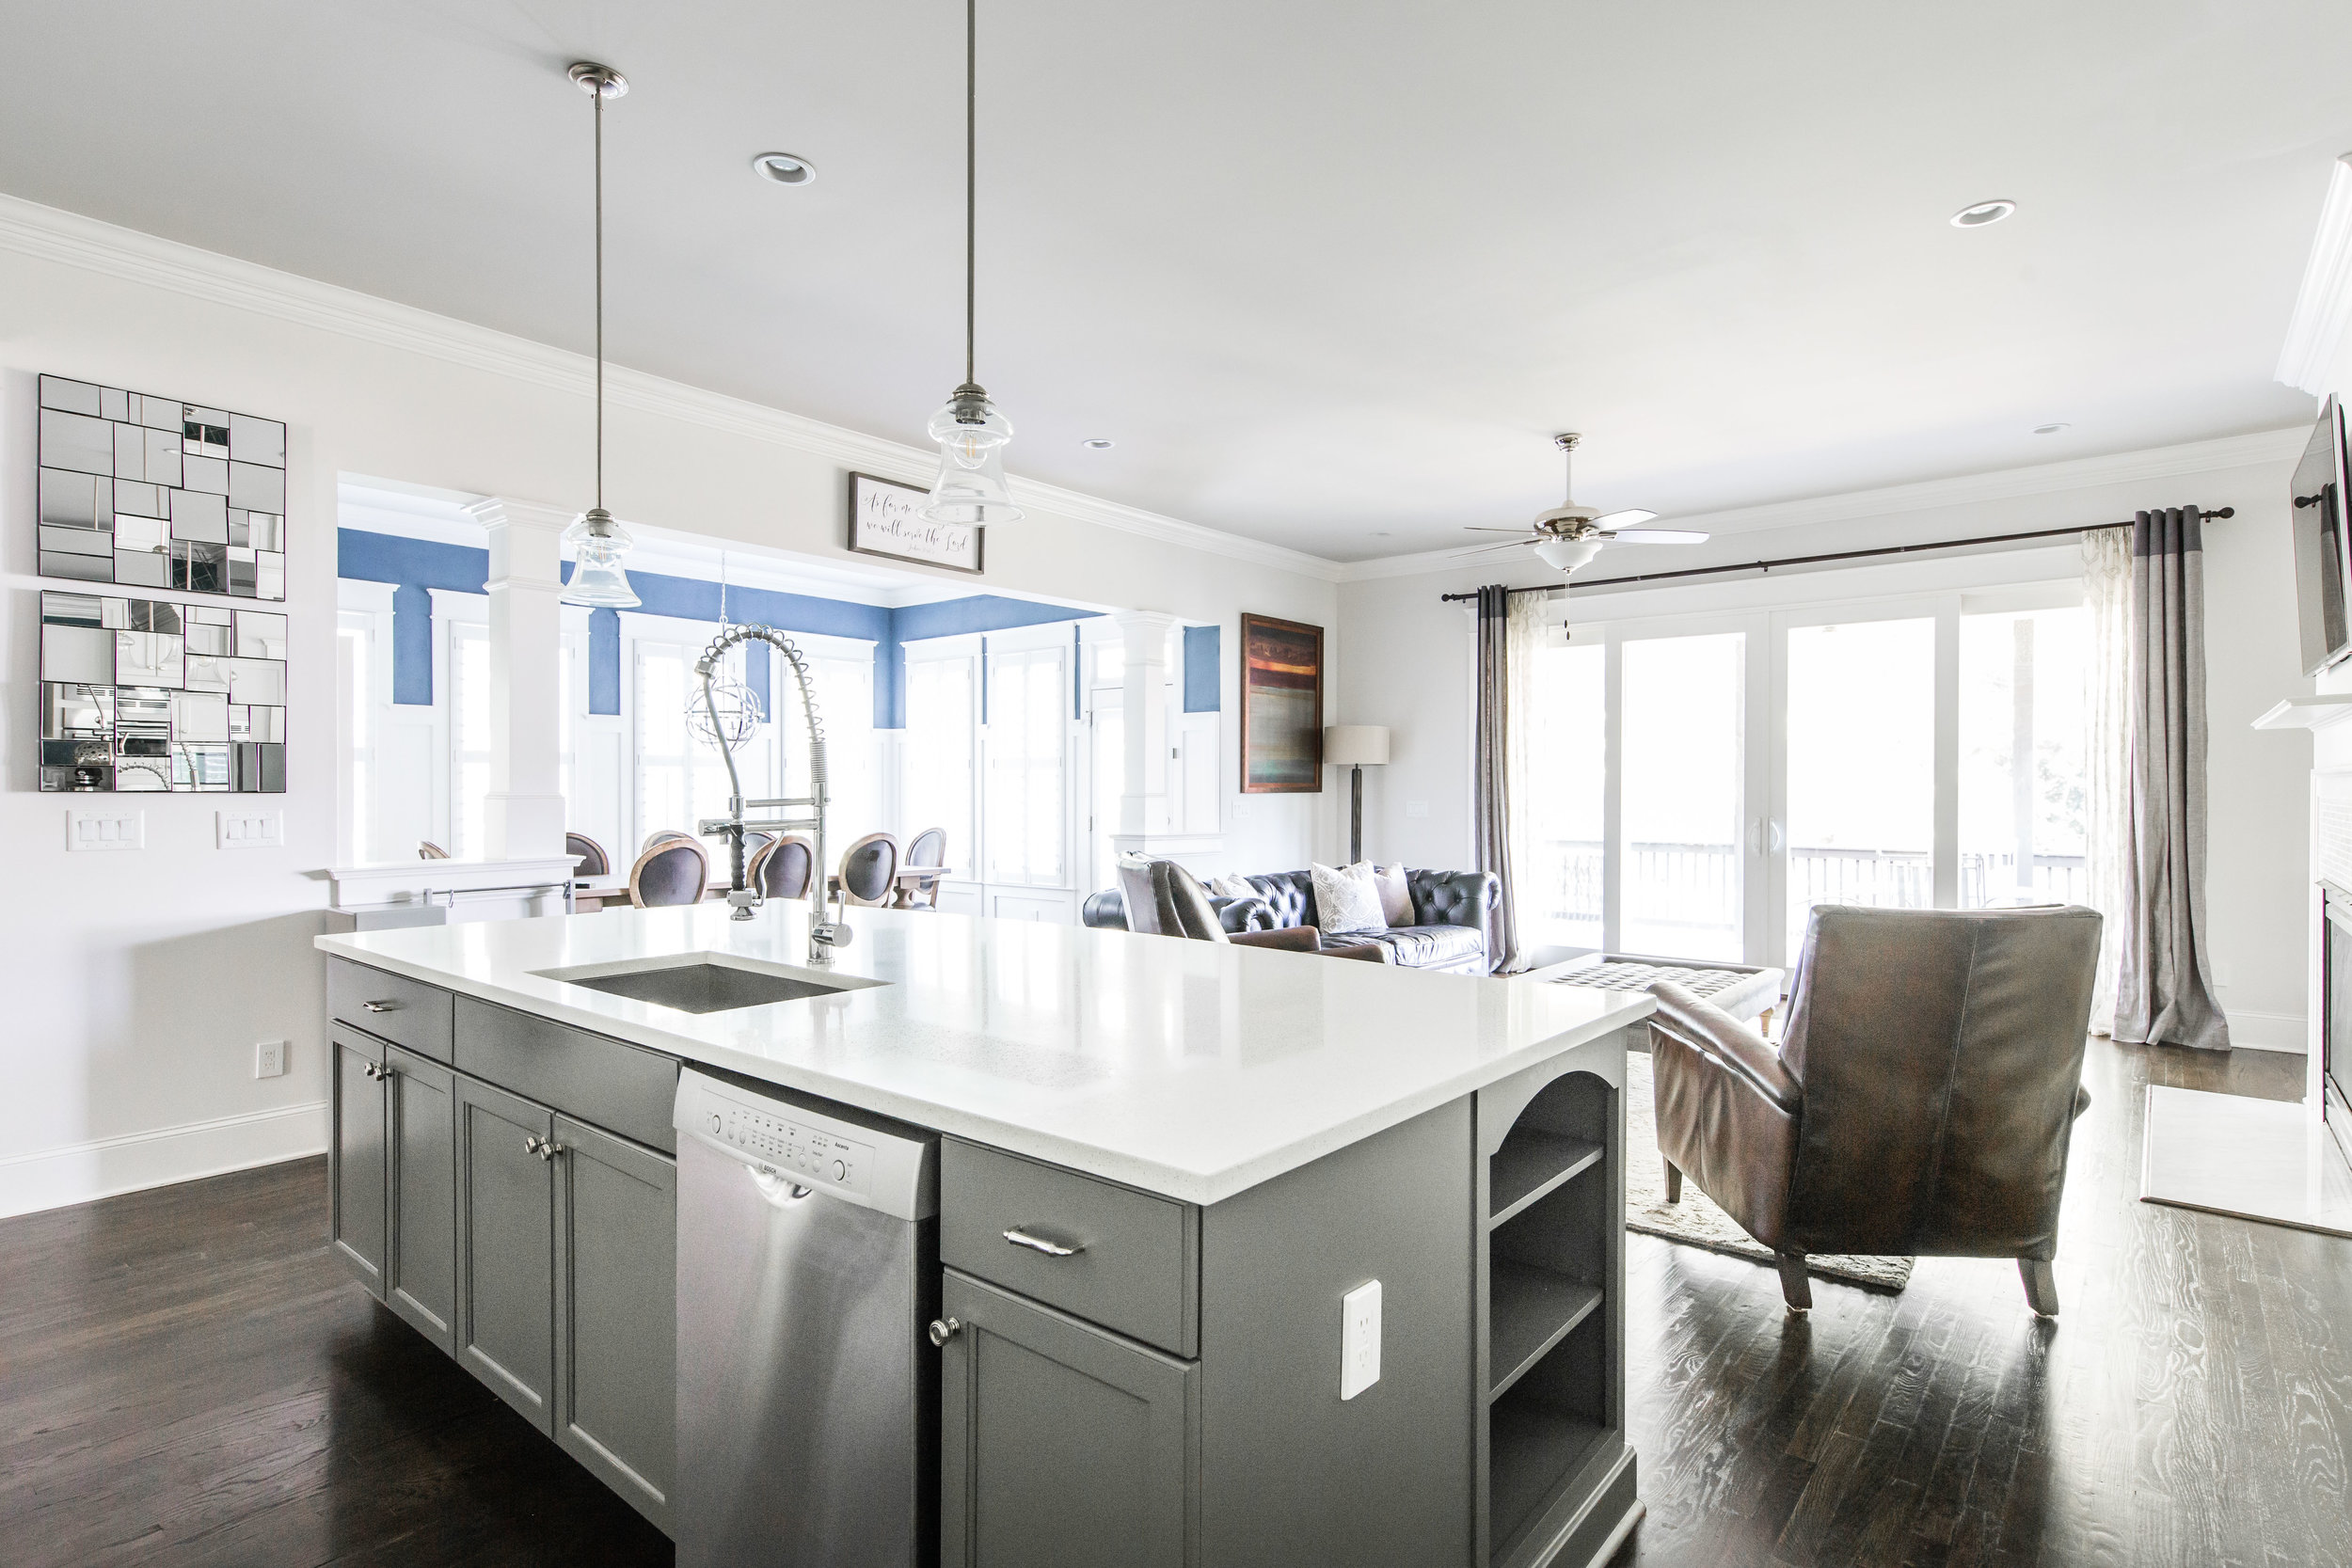 900 S Candler-Kitchen 3.jpg